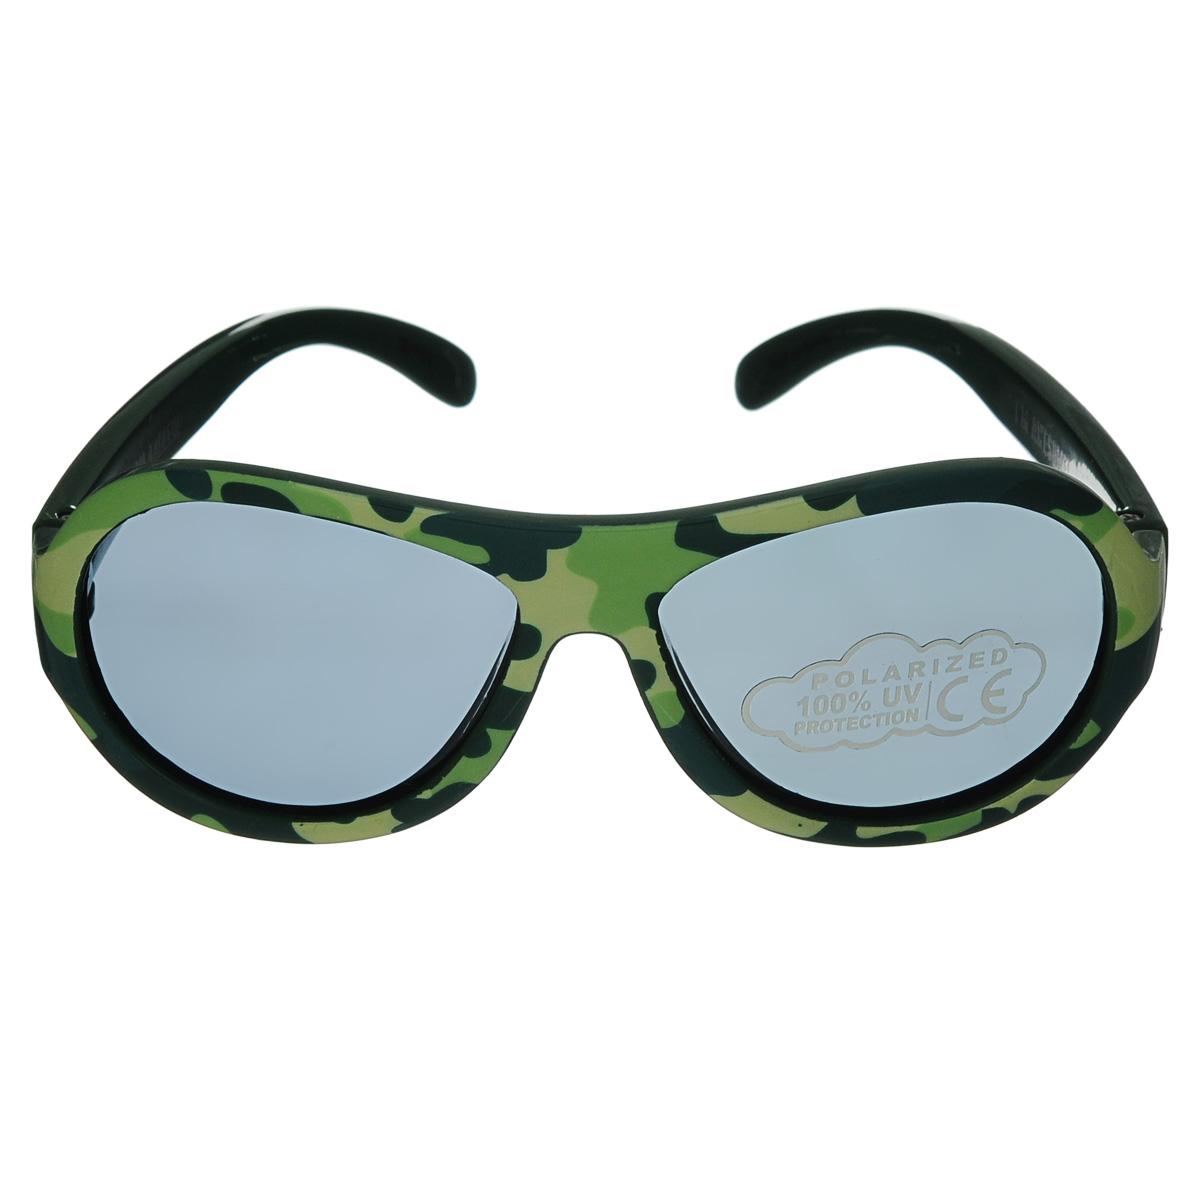 Детские солнцезащитные очки Babiators Крутой камуфляж (Cool Camo), поляризационные, с футляром, цвет: хаки, 0-3 летBAB-027Защита глаз всегда в моде. Вы делаете все возможное, чтобы ваши дети были здоровы и в безопасности. Шлемы для езды на велосипеде, солнцезащитный крем для прогулок на солнце... Но как насчёт влияния солнца на глазах вашего ребёнка? Правда в том, что сетчатка глаза у детей развивается вместе с самим ребёнком. Это означает, что глаза малышей не могут отфильтровать УФ-излучение. Добавьте к этому тот факт, что дети за год получают трёхкратную дозу солнечного воздействия на взрослого человека (доклад Vision Council Report 2013, США). Проблема понятна - детям нужна настоящая защита, чтобы глазка были в безопасности, а зрение сильным. Поляризационные детские очки Babiators уменьшают резкий яркий солнечный свет так, чтобы ваш маленький лётчик всегда имел кристально чистый обзор всех предстоящих приключений. Серия Polarized Babiators - это целый ряд удивительных новых принтов и цветов, а также классный твёрдый футляр на застежке-молнии в виде облачка, снабженный металлическим карабином...